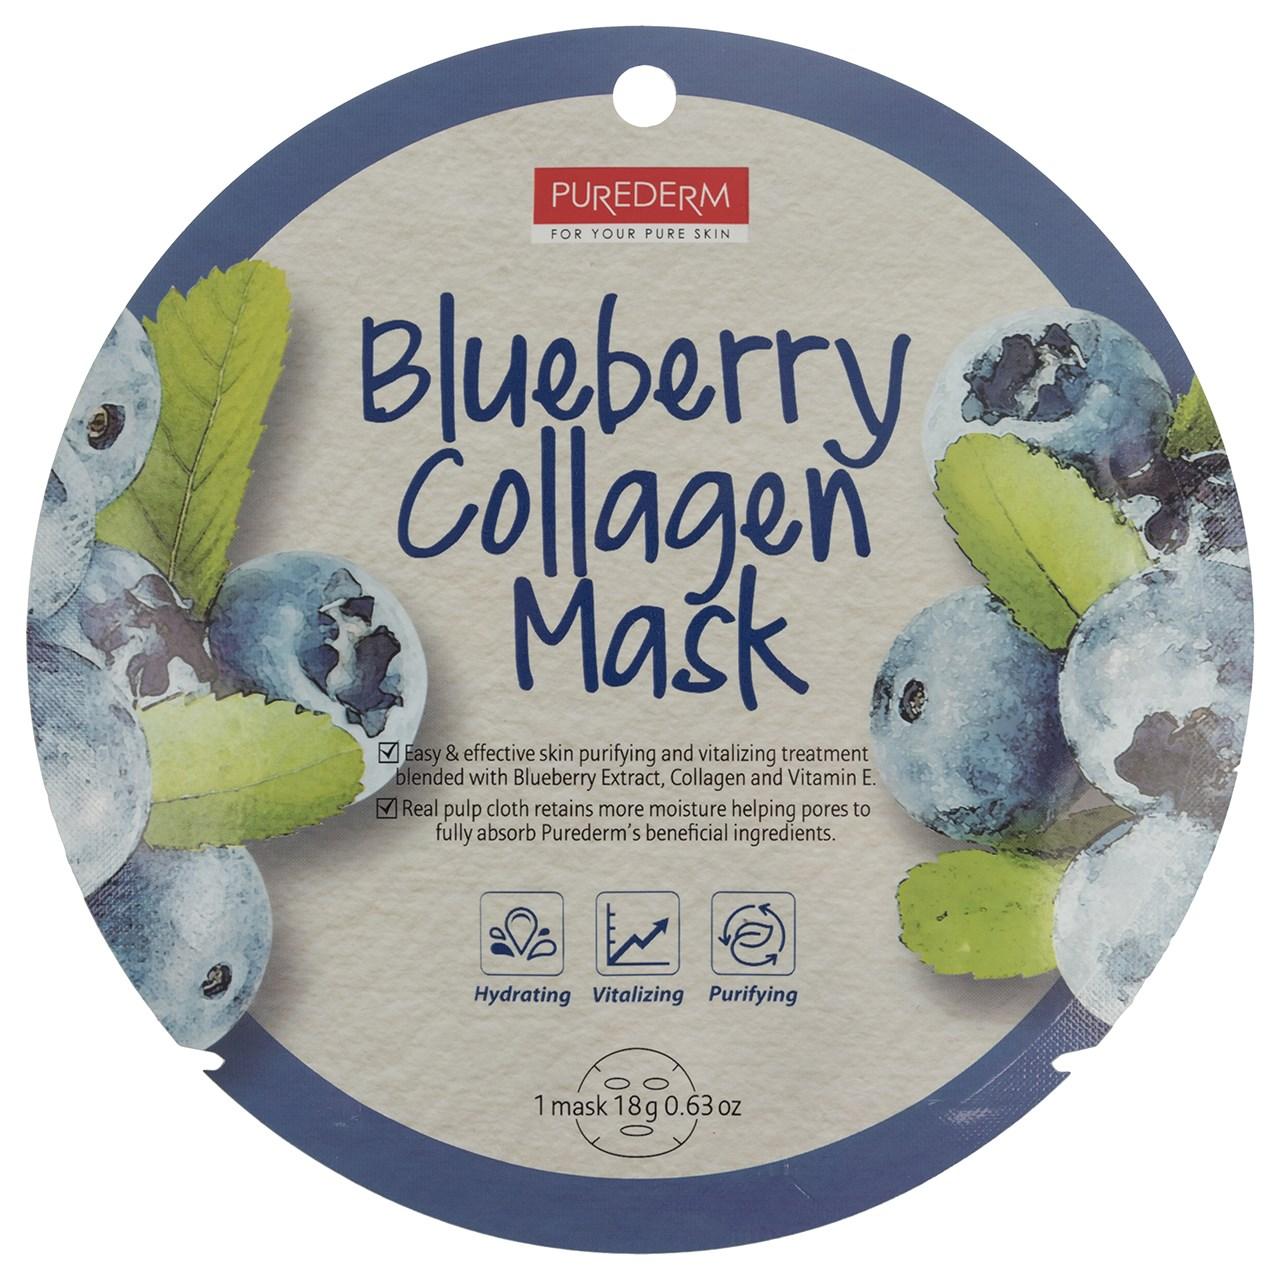 قیمت ماسک نقابی پیوردرم مدل Blueberry